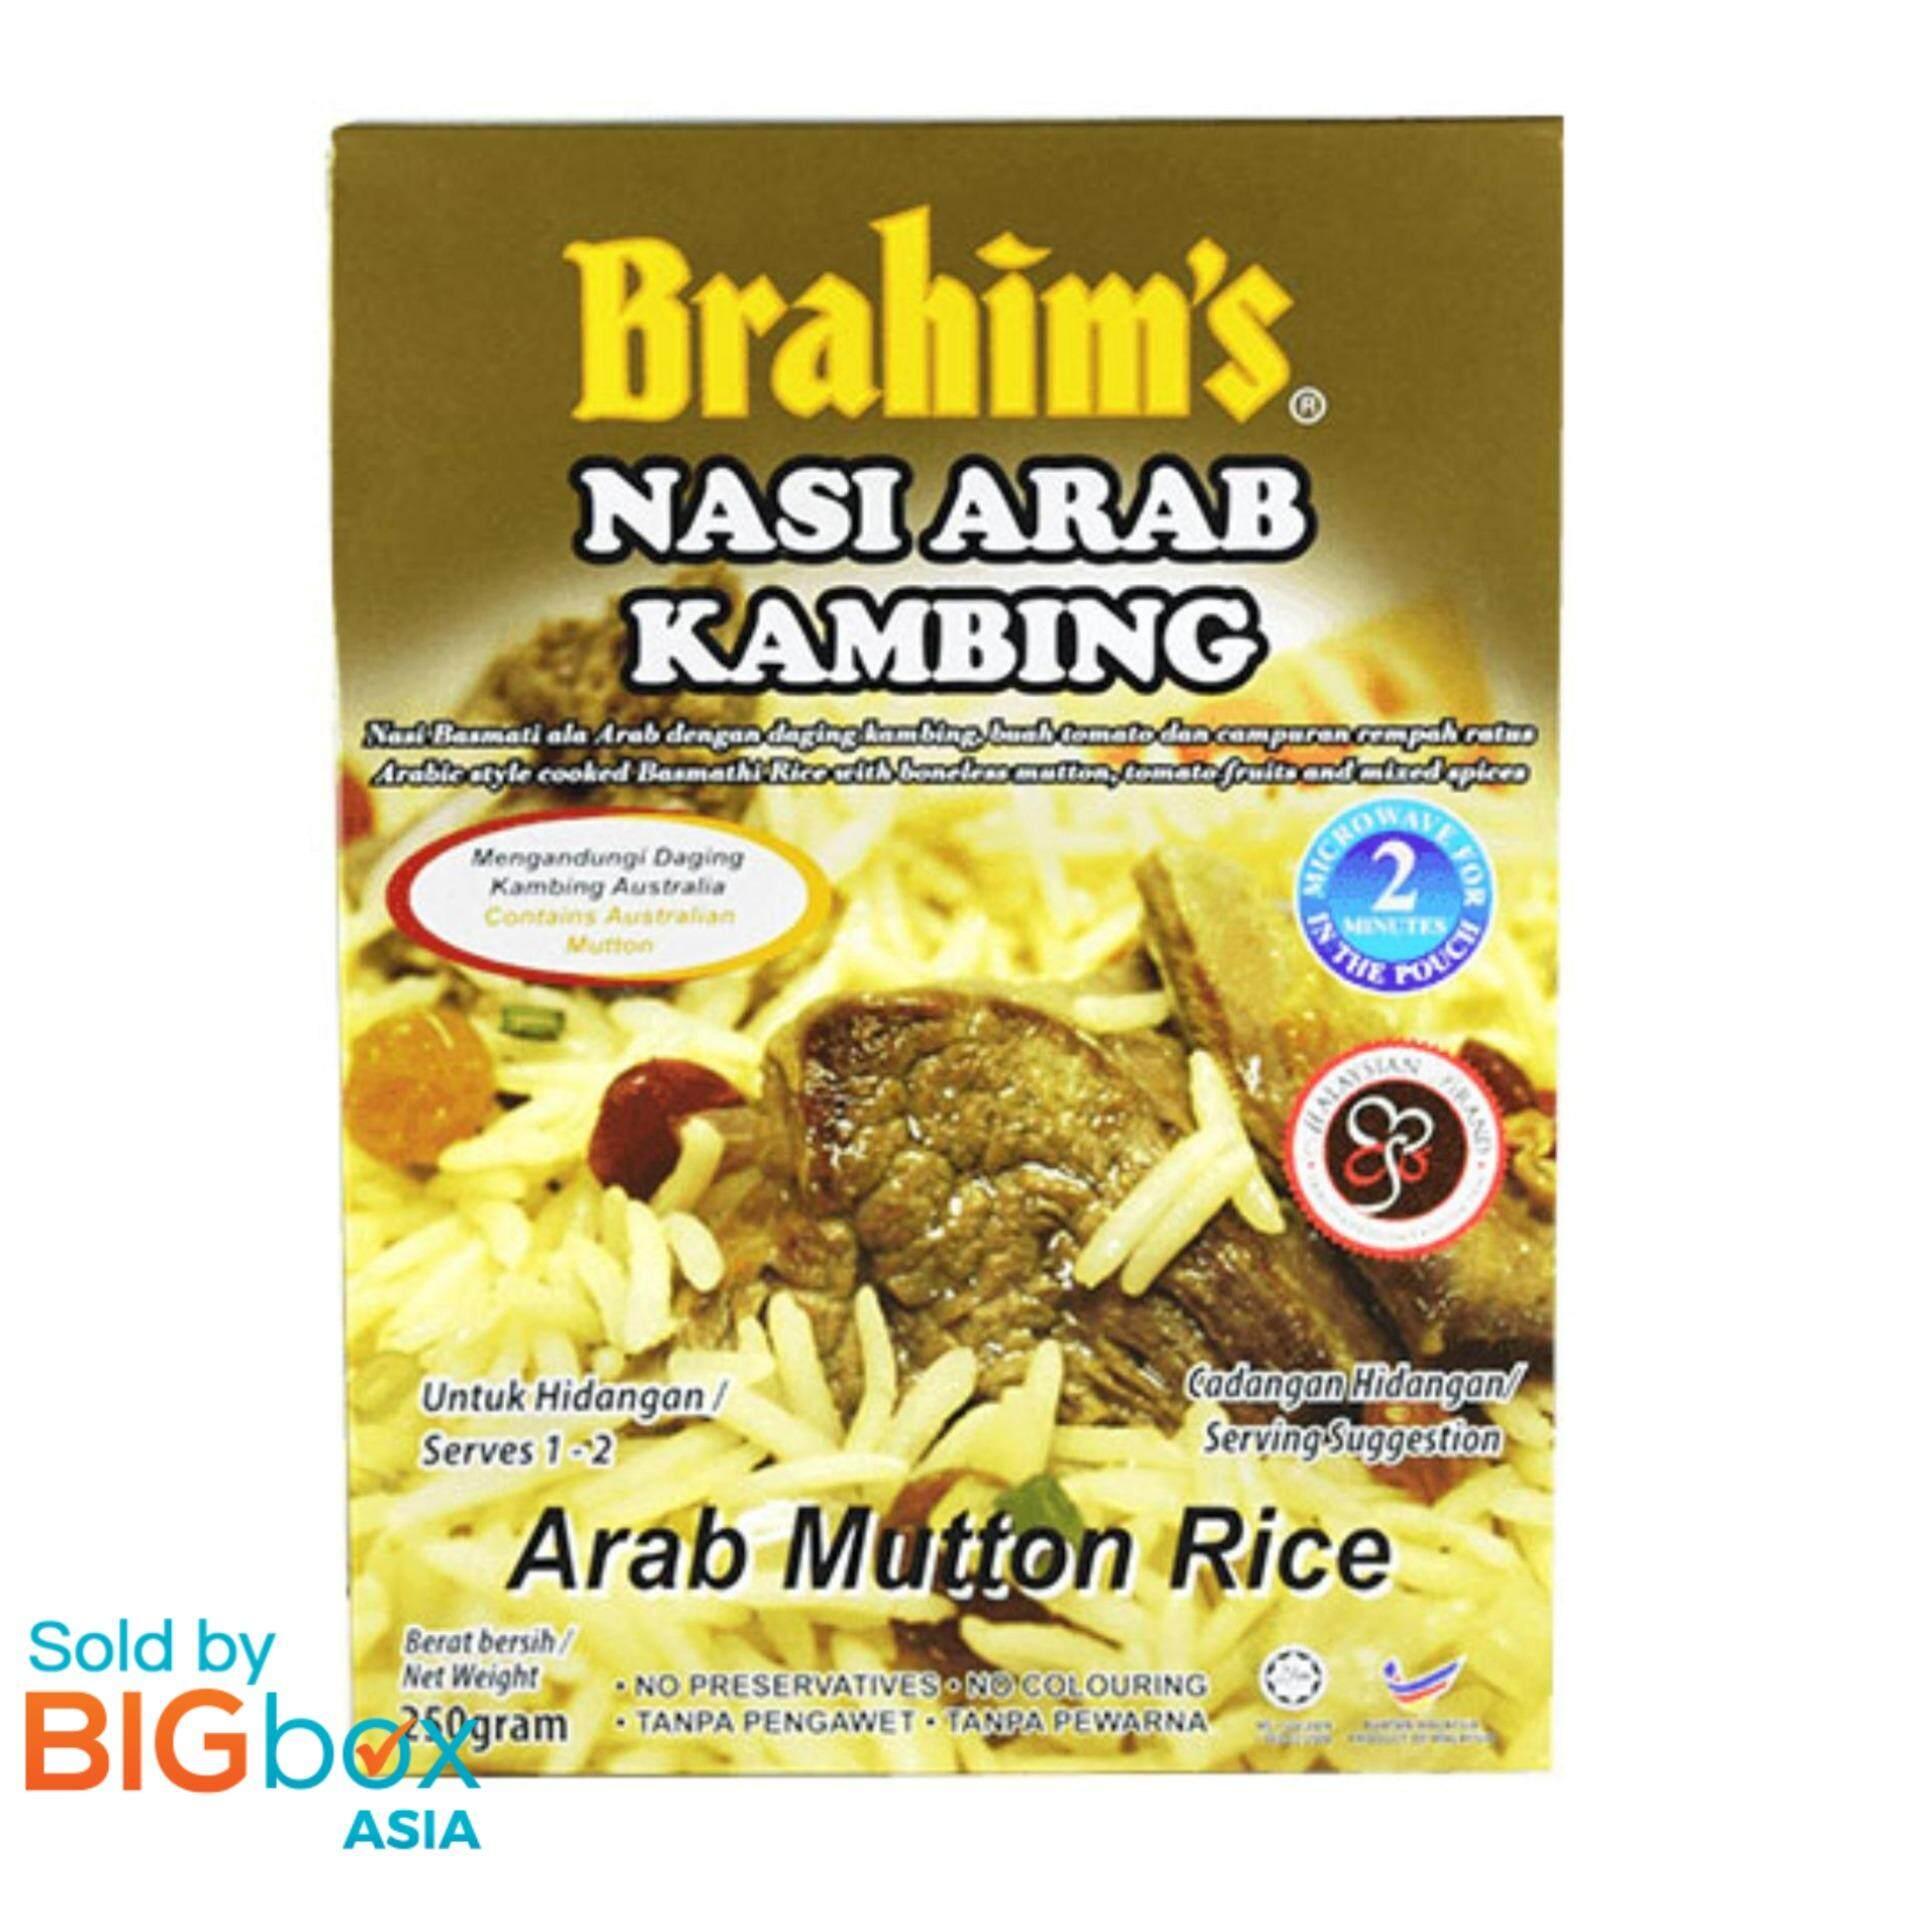 [BIGBox Asia] Brahims Ready To Eat Nasi Arab Kambing 250g - Malaysia